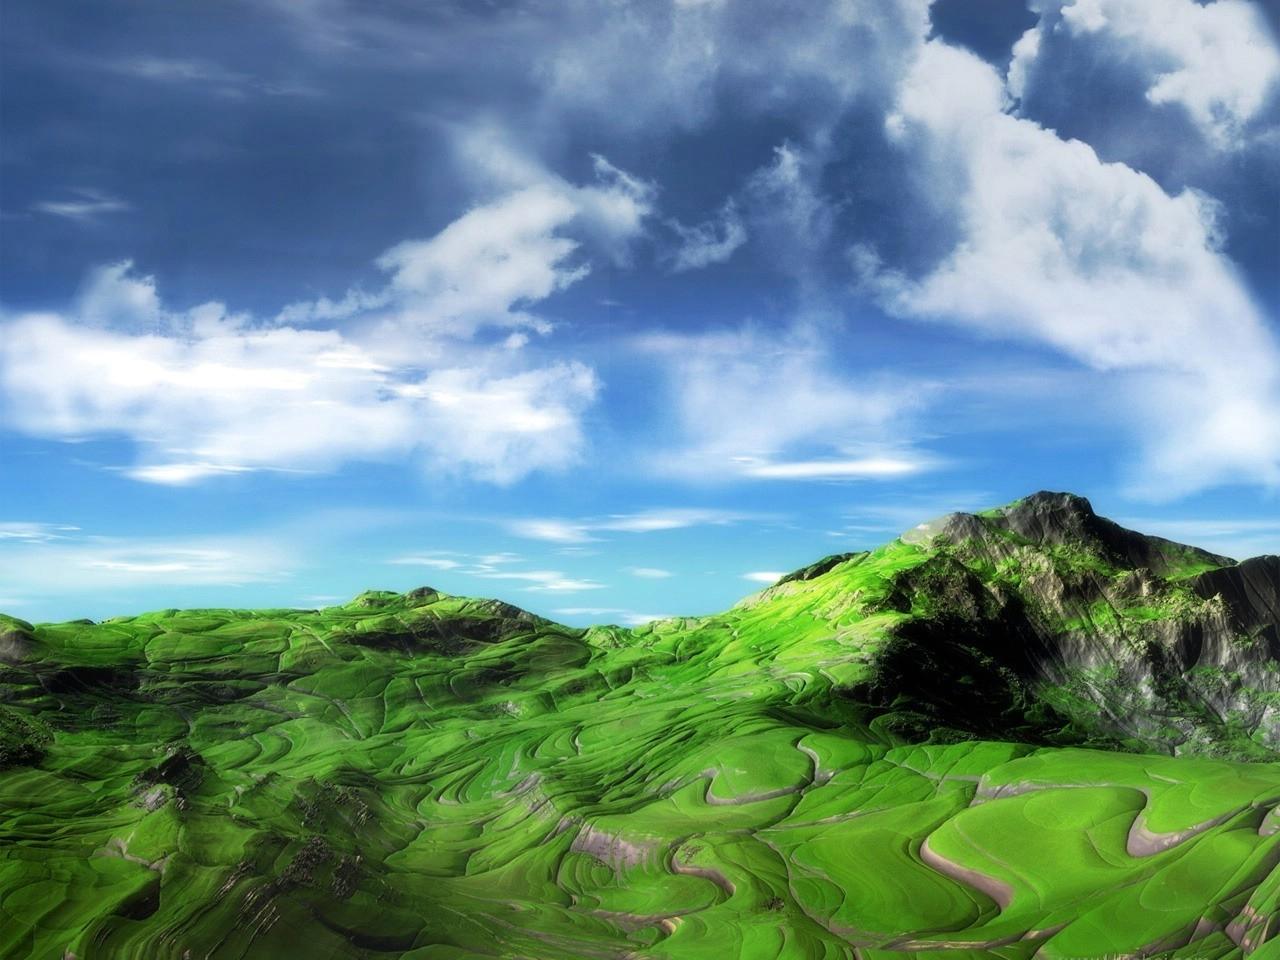 25038 скачать обои Пейзаж, Поля, Горы, Облака - заставки и картинки бесплатно